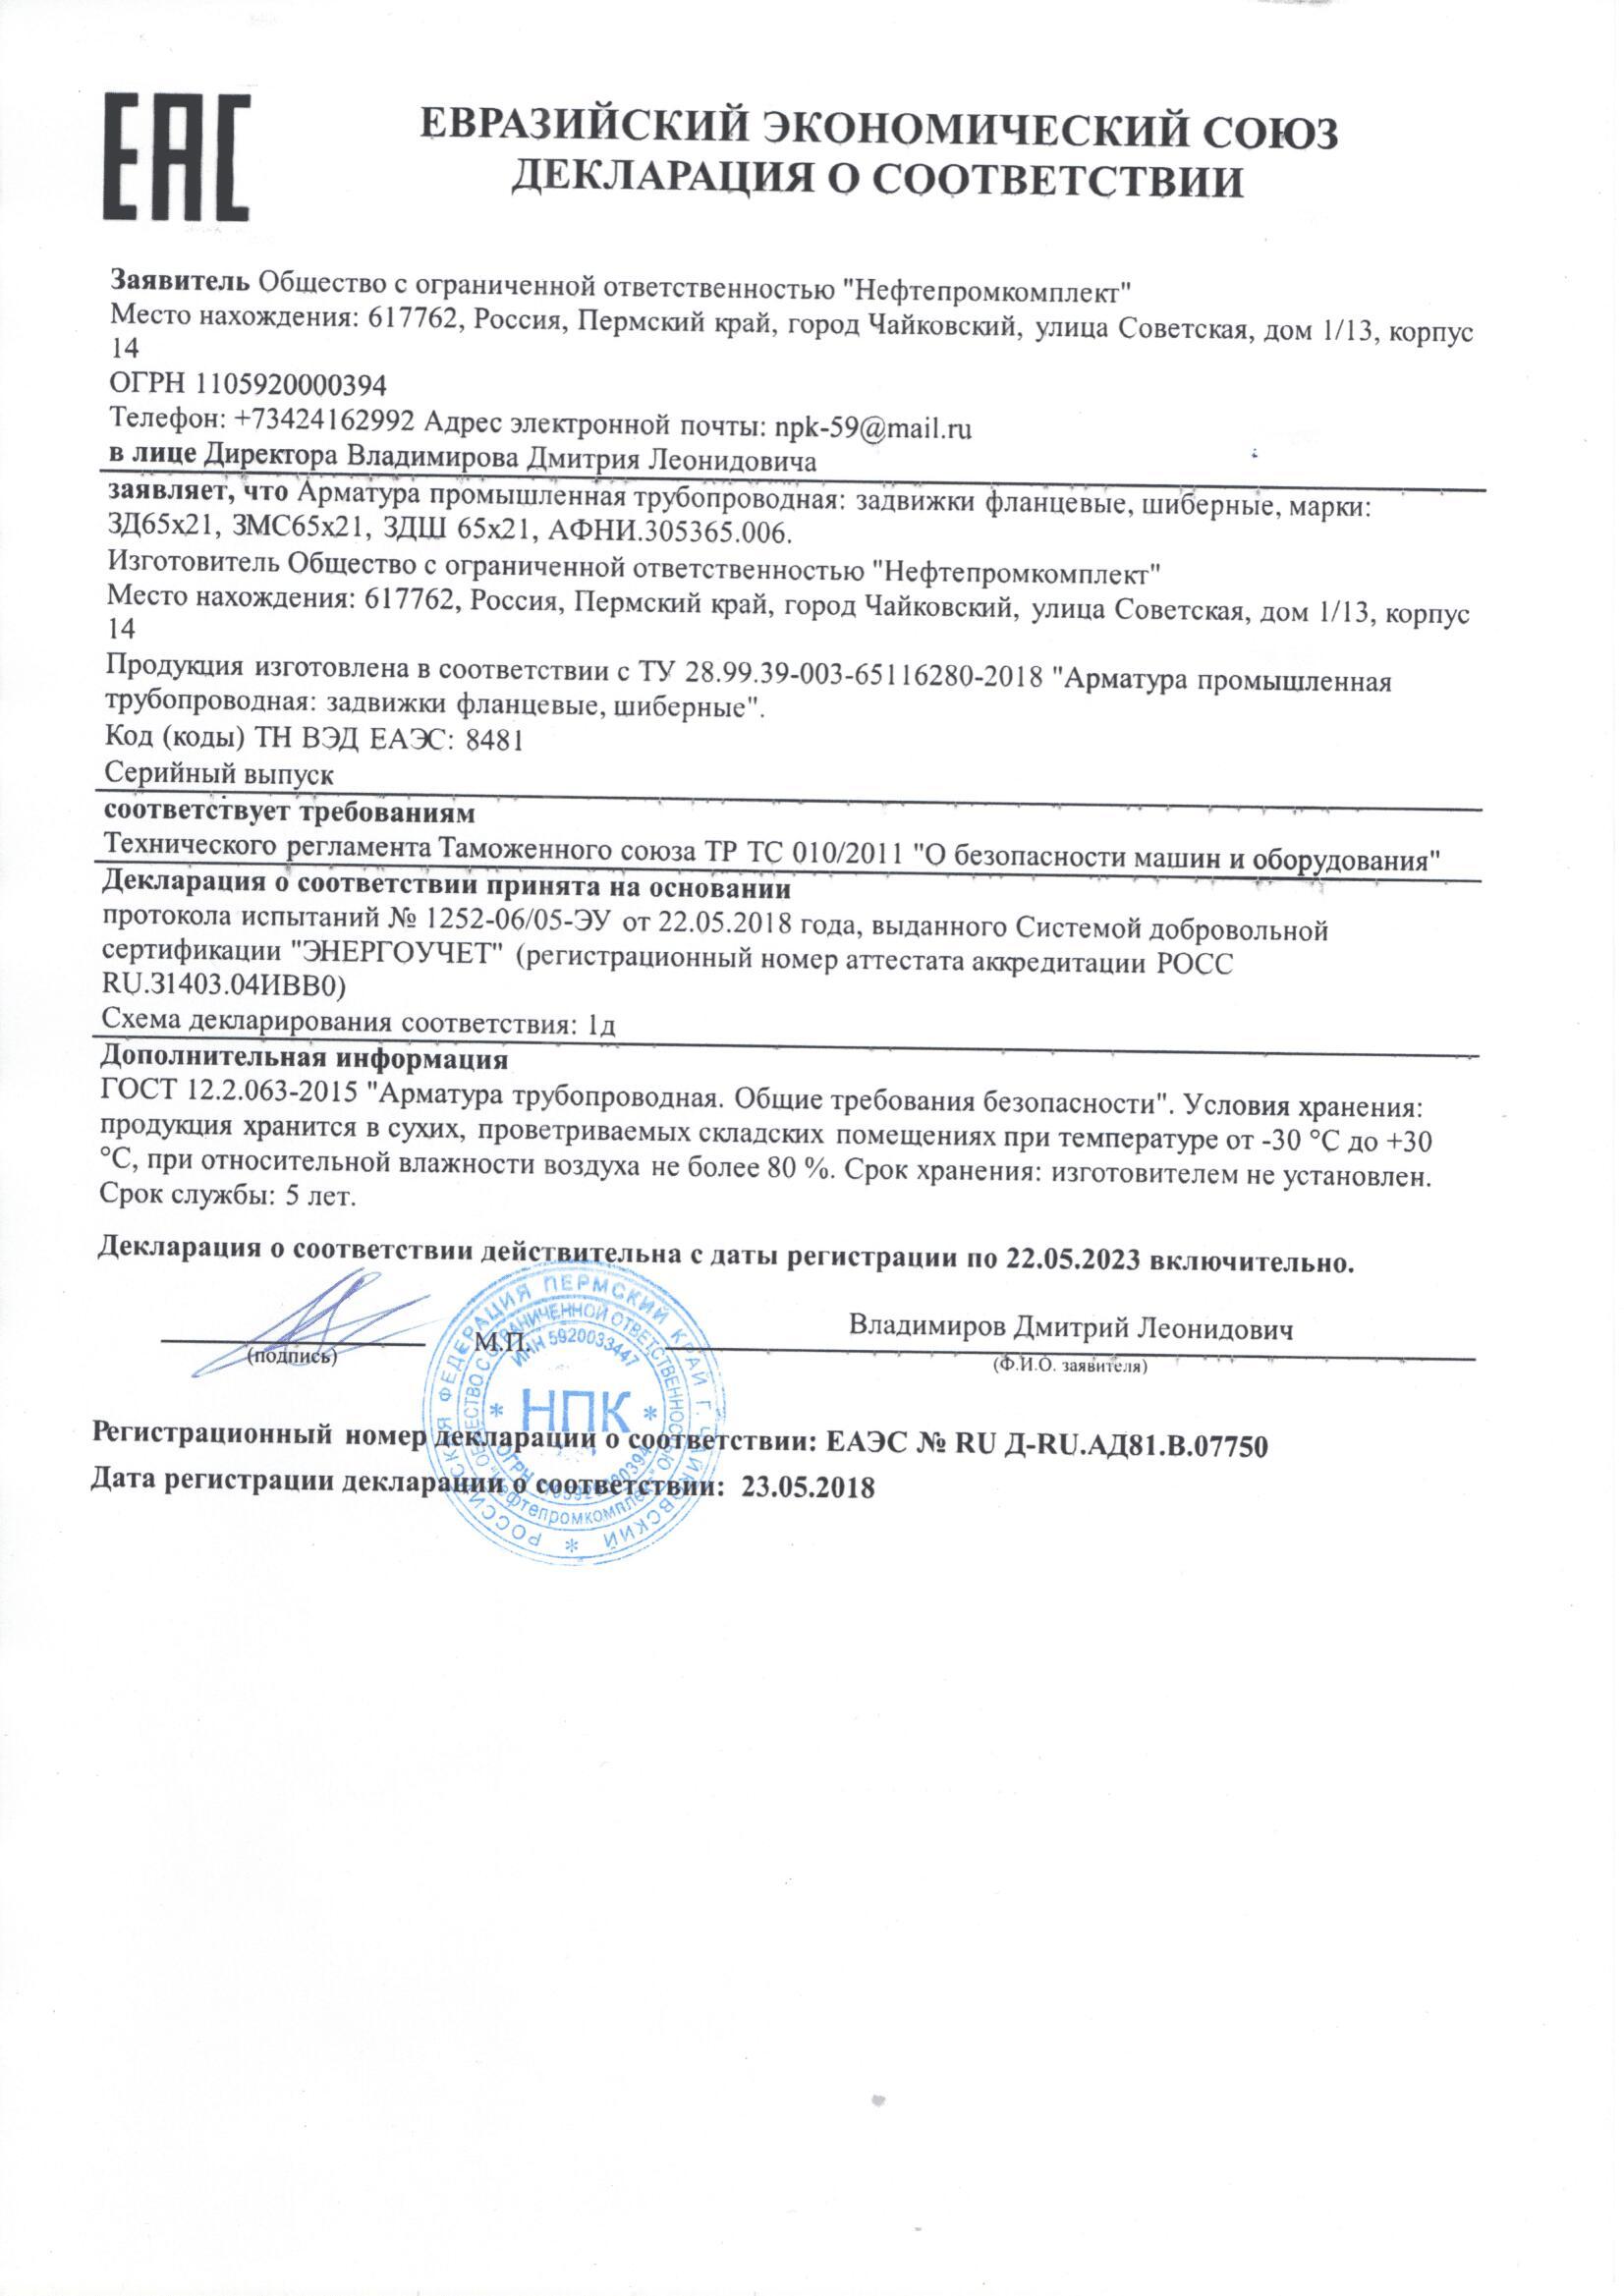 Декларация таможенного союза на задвижки фланцевые и шиберные